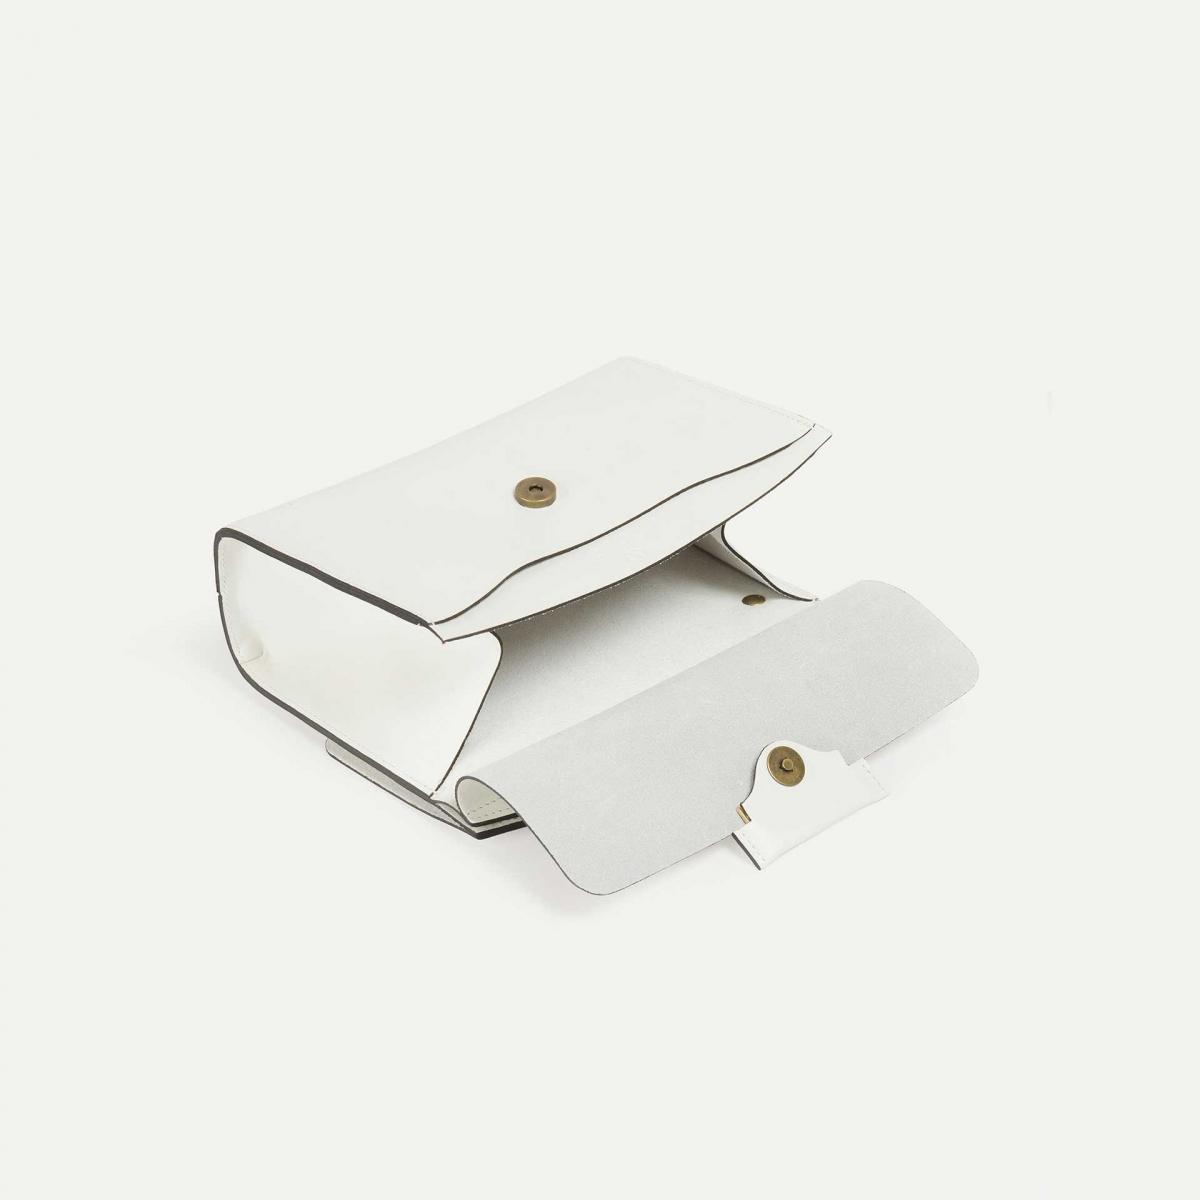 Origami XS clutch bag - White (image n°4)